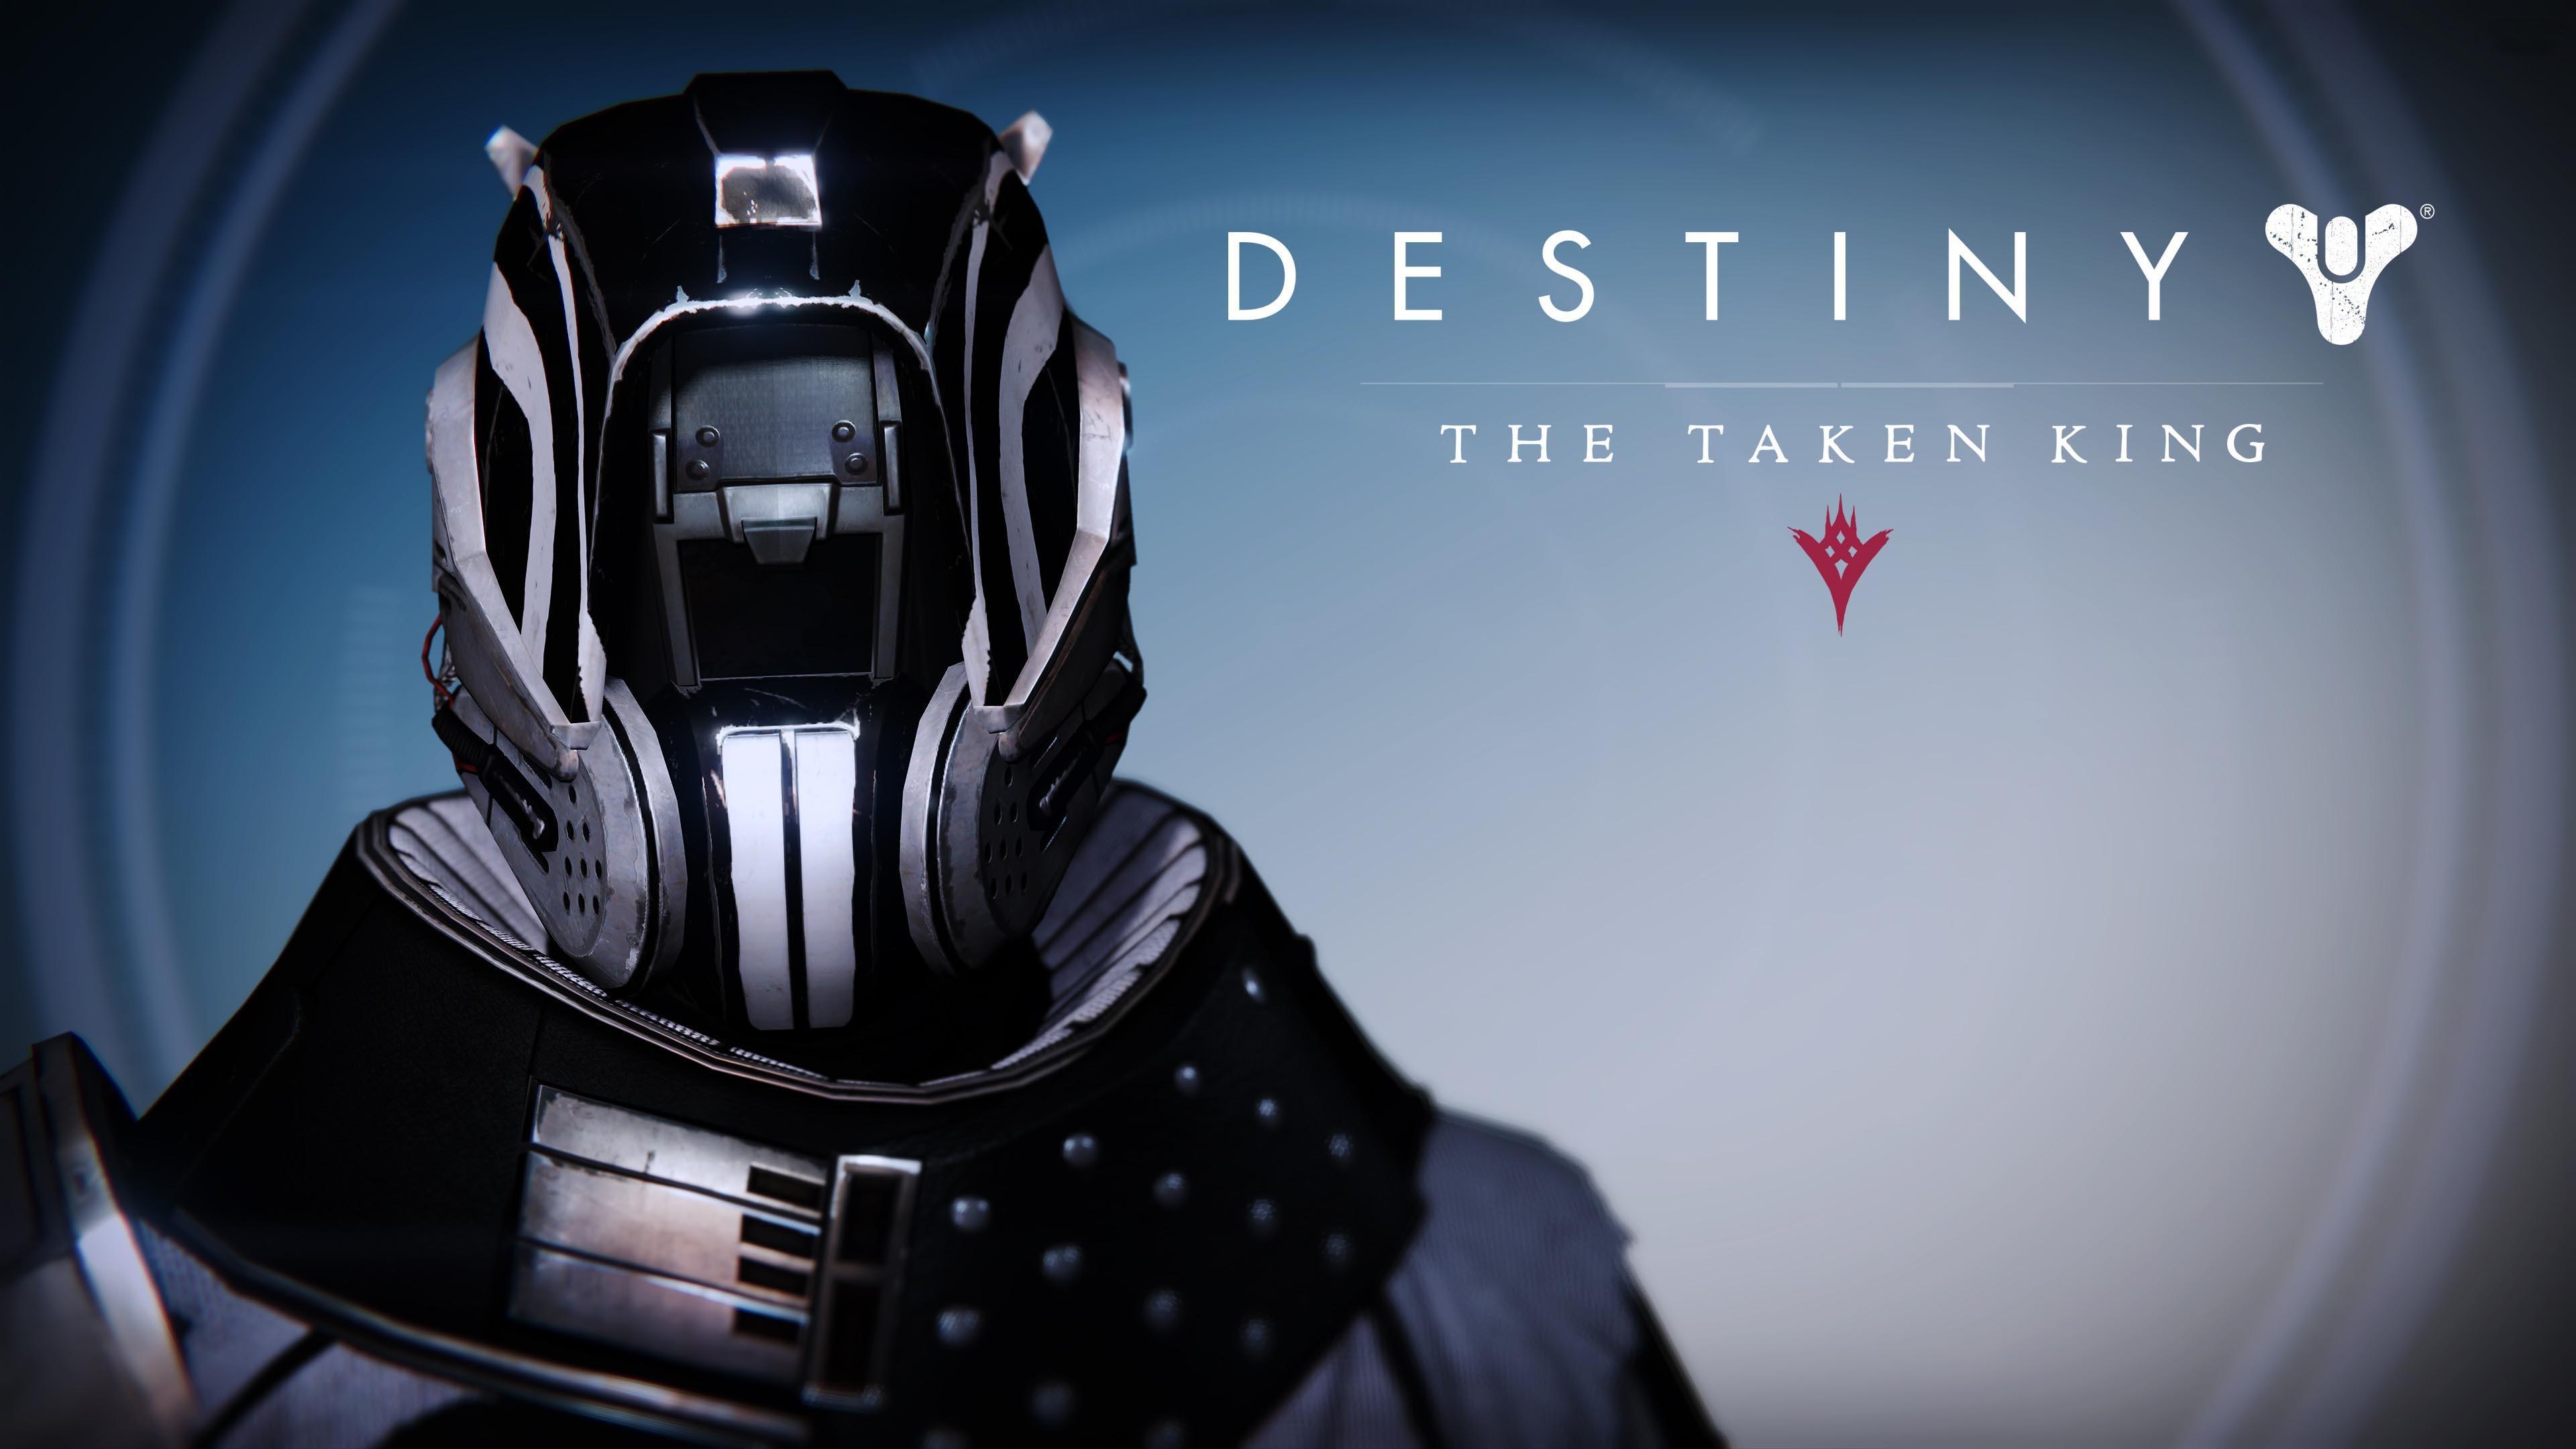 Destiny Dead Orbit Warlock Male Helmet – The Taken King wallpaper